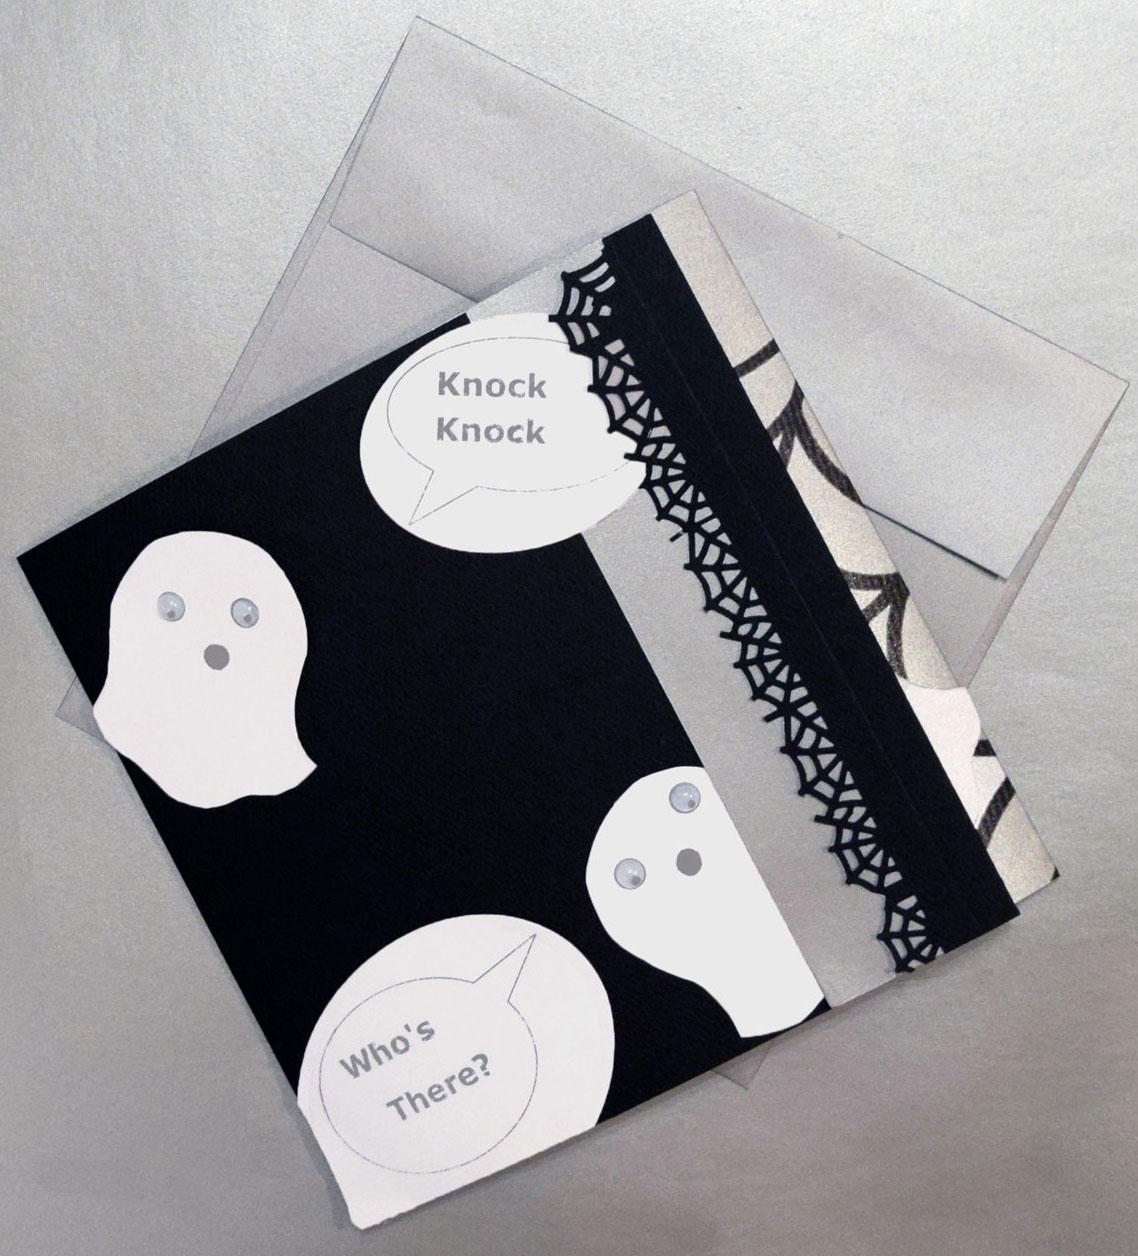 GhostlyFunnyCard01 ghostly funny paper card - GhostlyFunnyCard01 - Ghostly Funny Paper Card